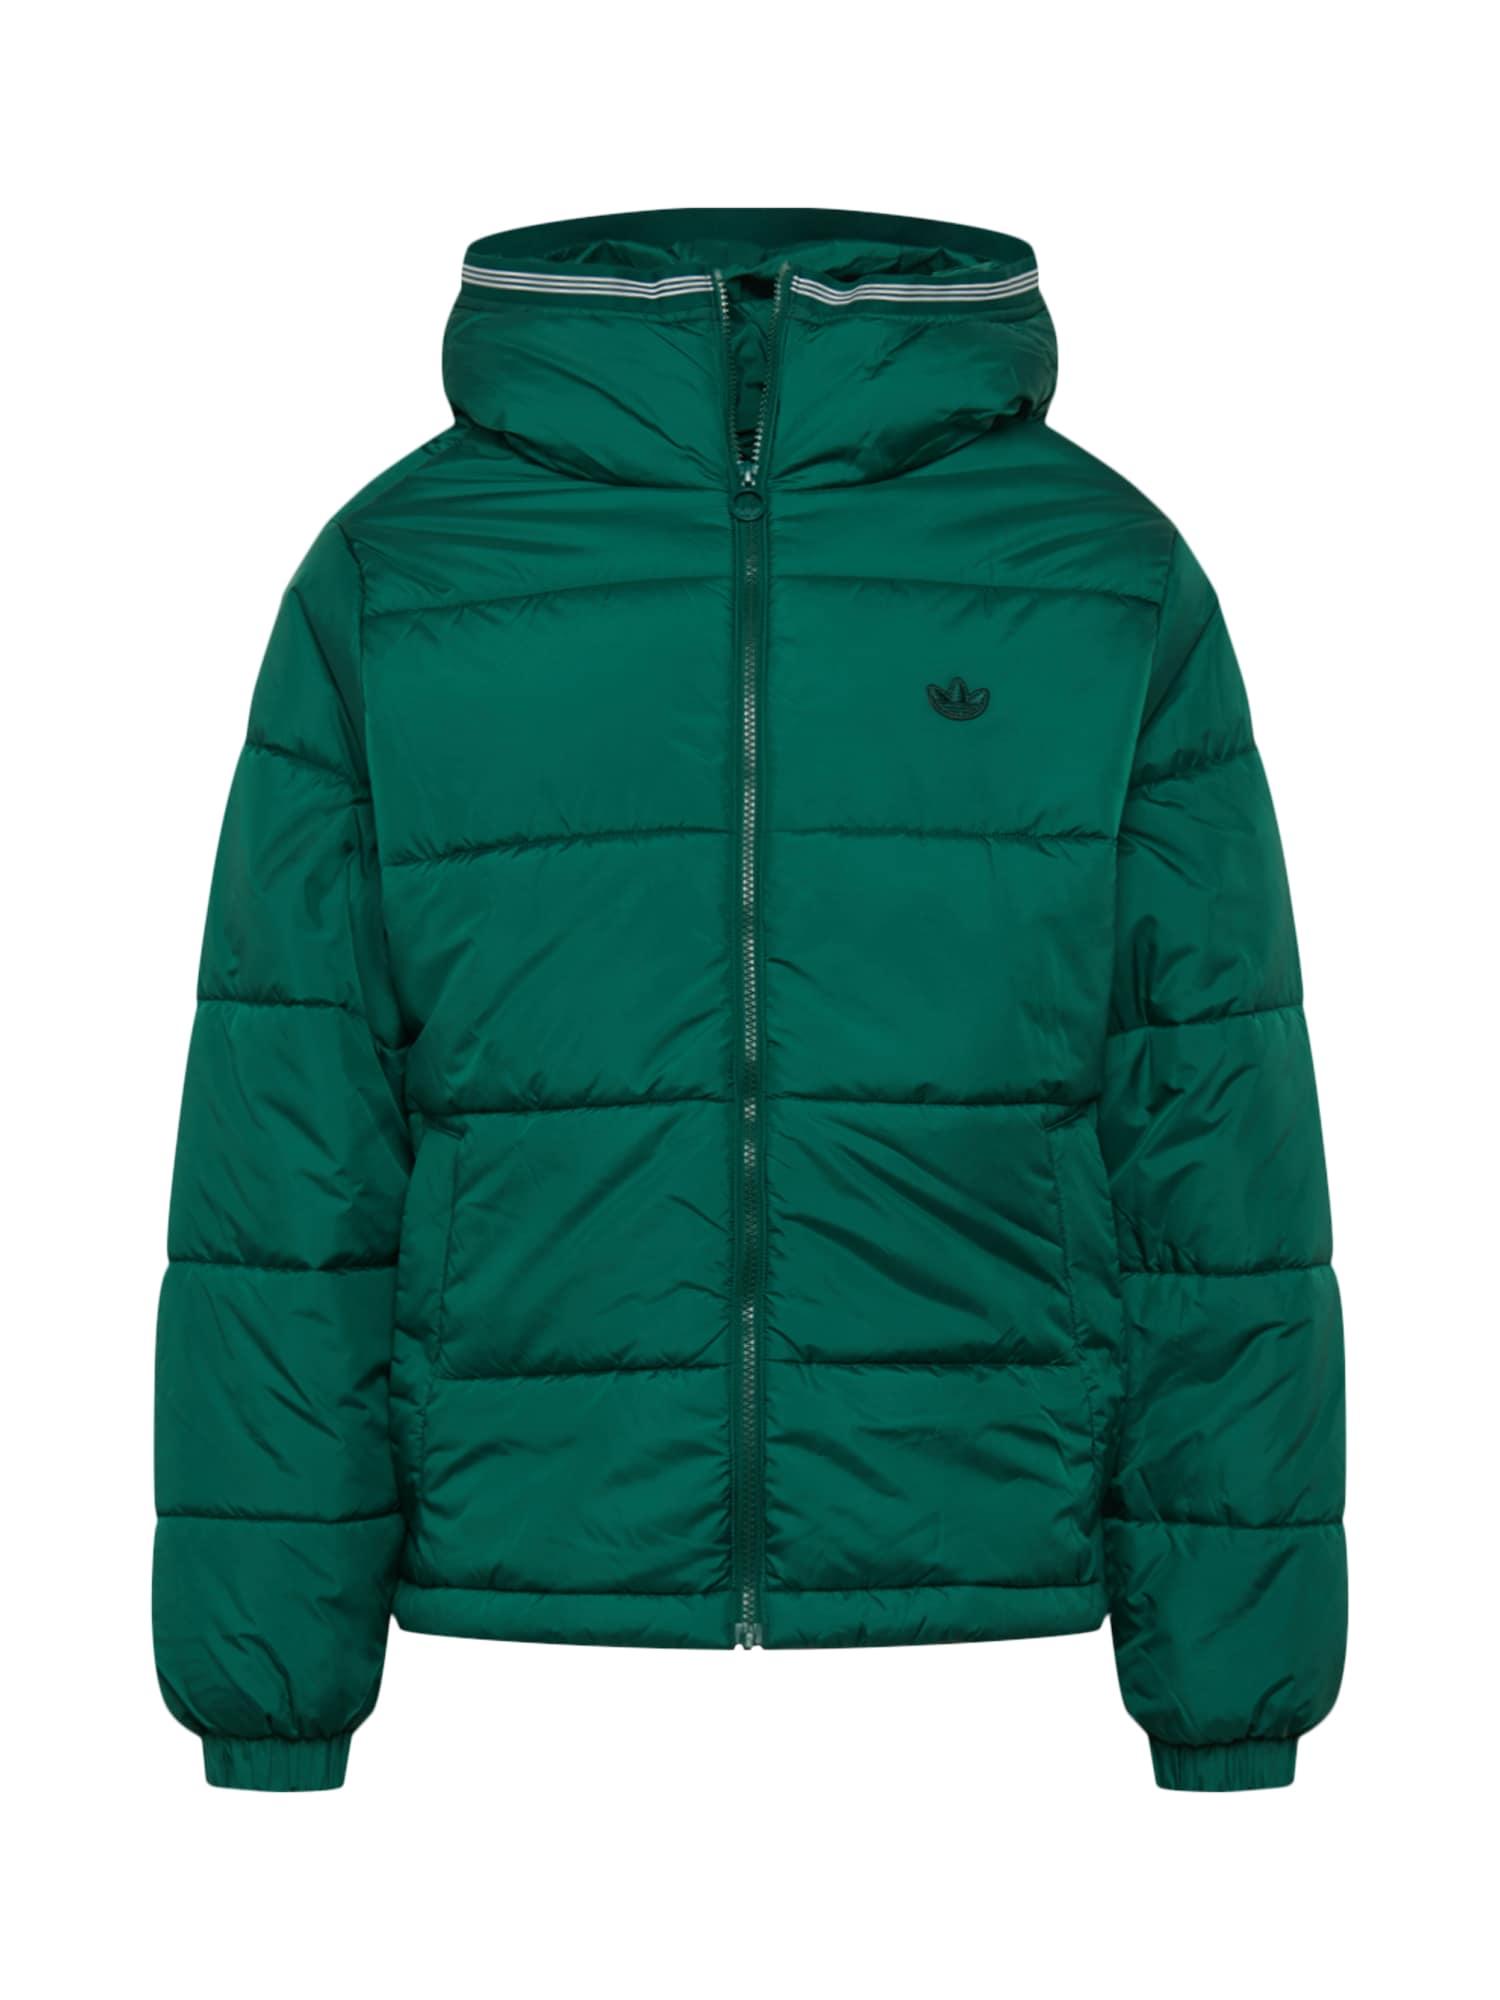 ADIDAS ORIGINALS Žieminė striukė žalia